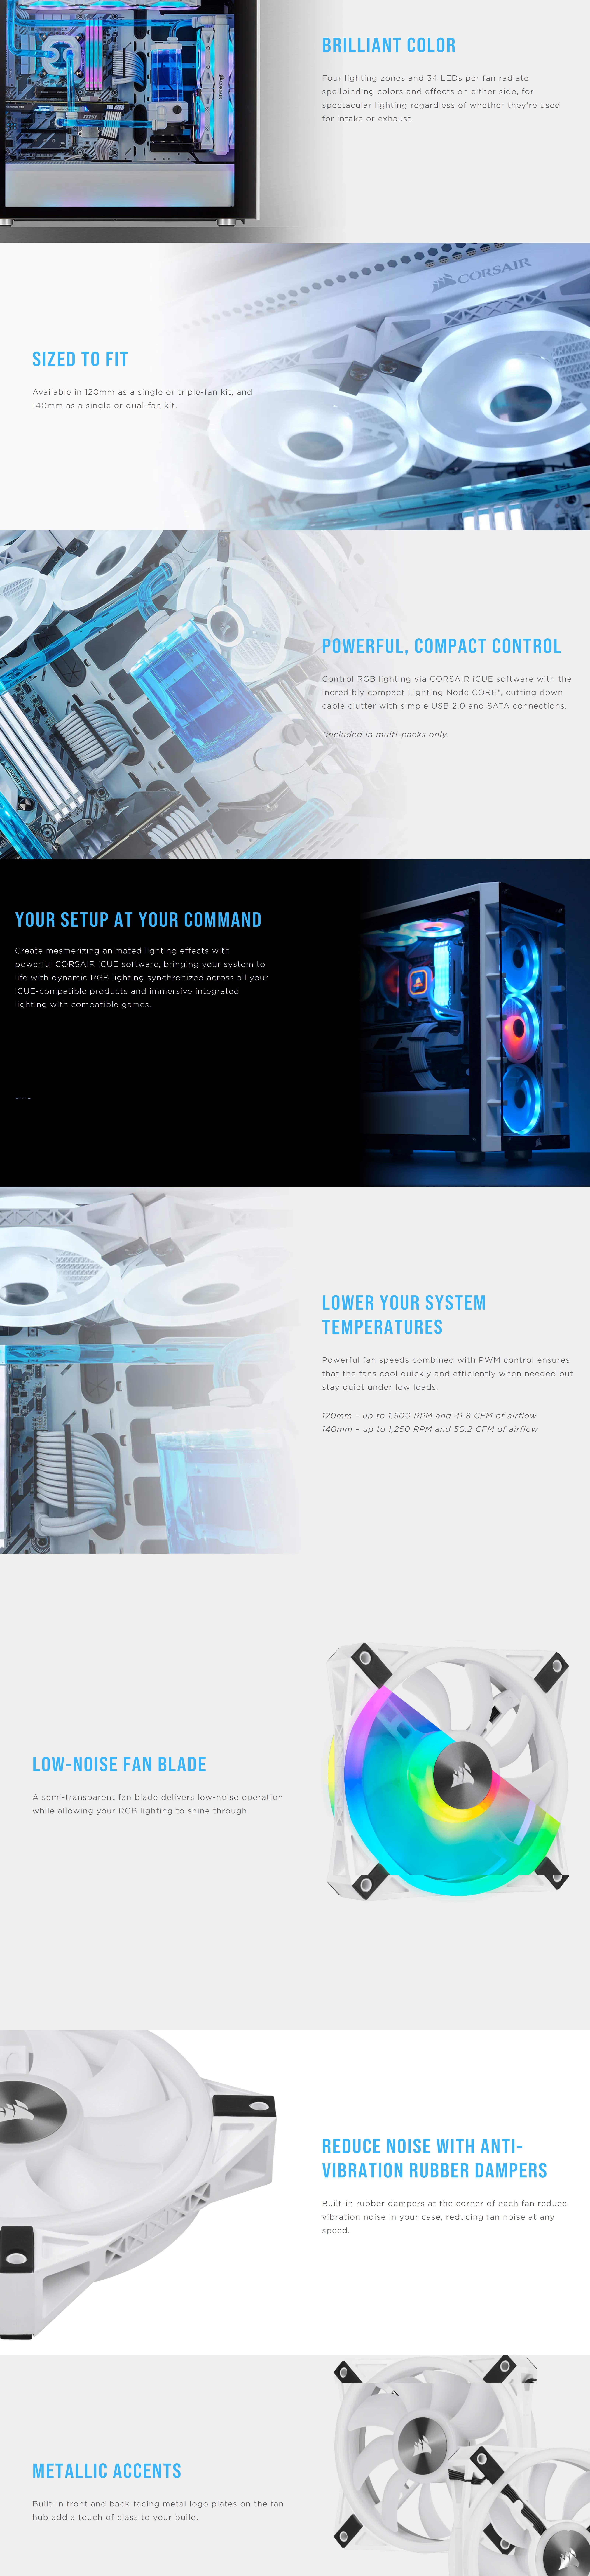 screencapture-corsair-us-en-Categories-Products-Fans-RGB-LED-Fans-iCUE-QL-RGB-PWM-Fan-p-CO-9050105-WW-2021-01-28-13_16_53.jpg